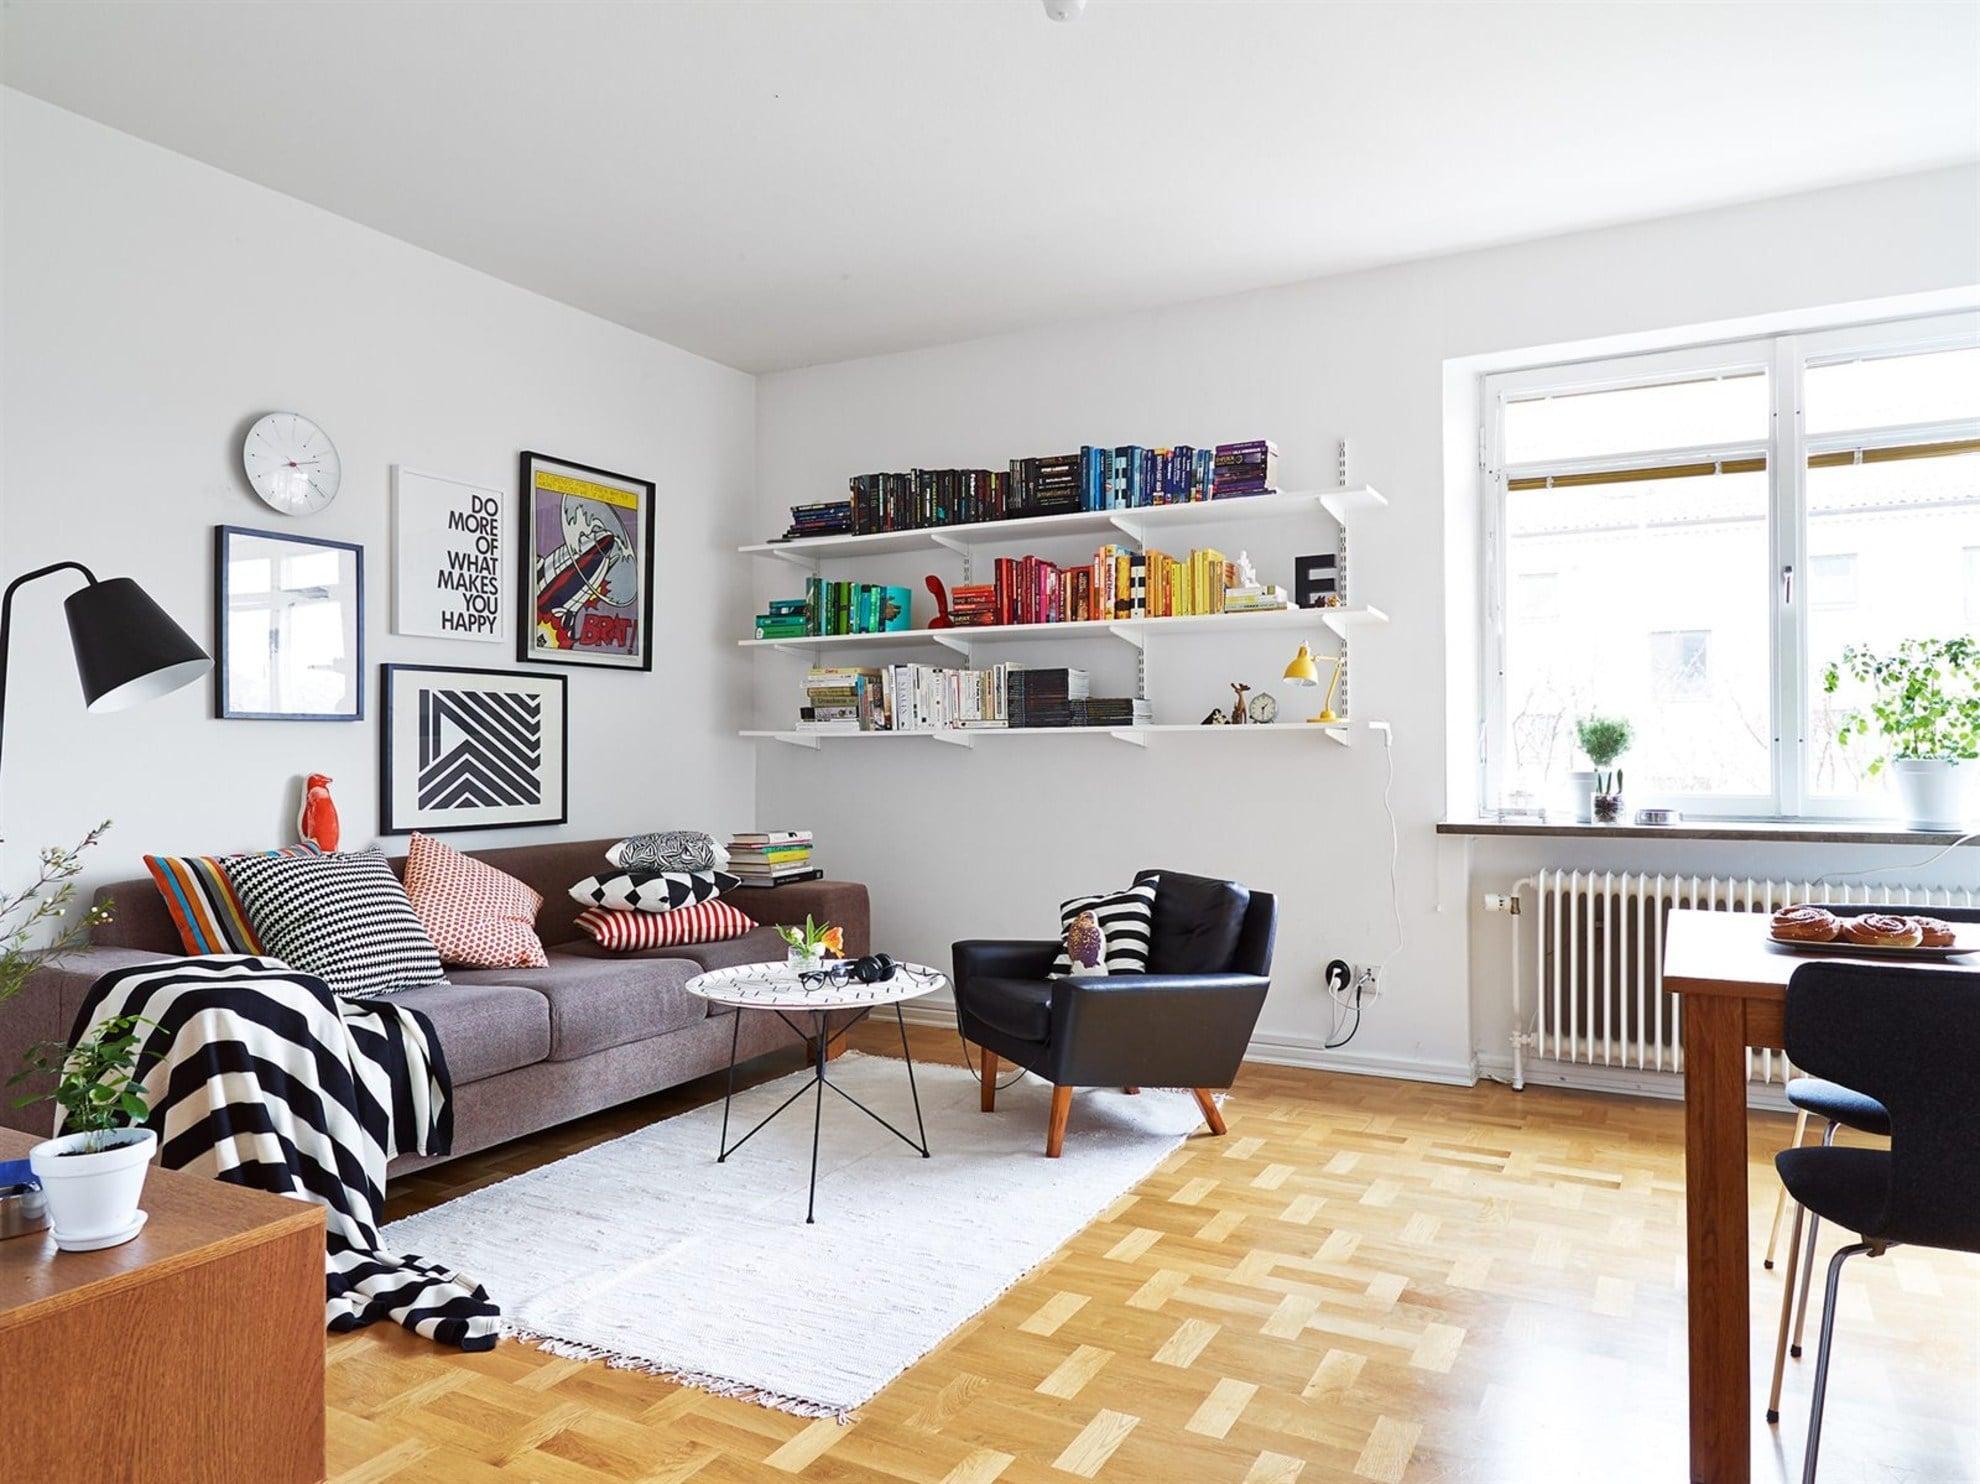 Epik Desain Interior Rumah Mungil 78 Untuk Perencana Dekorasi Rumah oleh Desain Interior Rumah Mungil